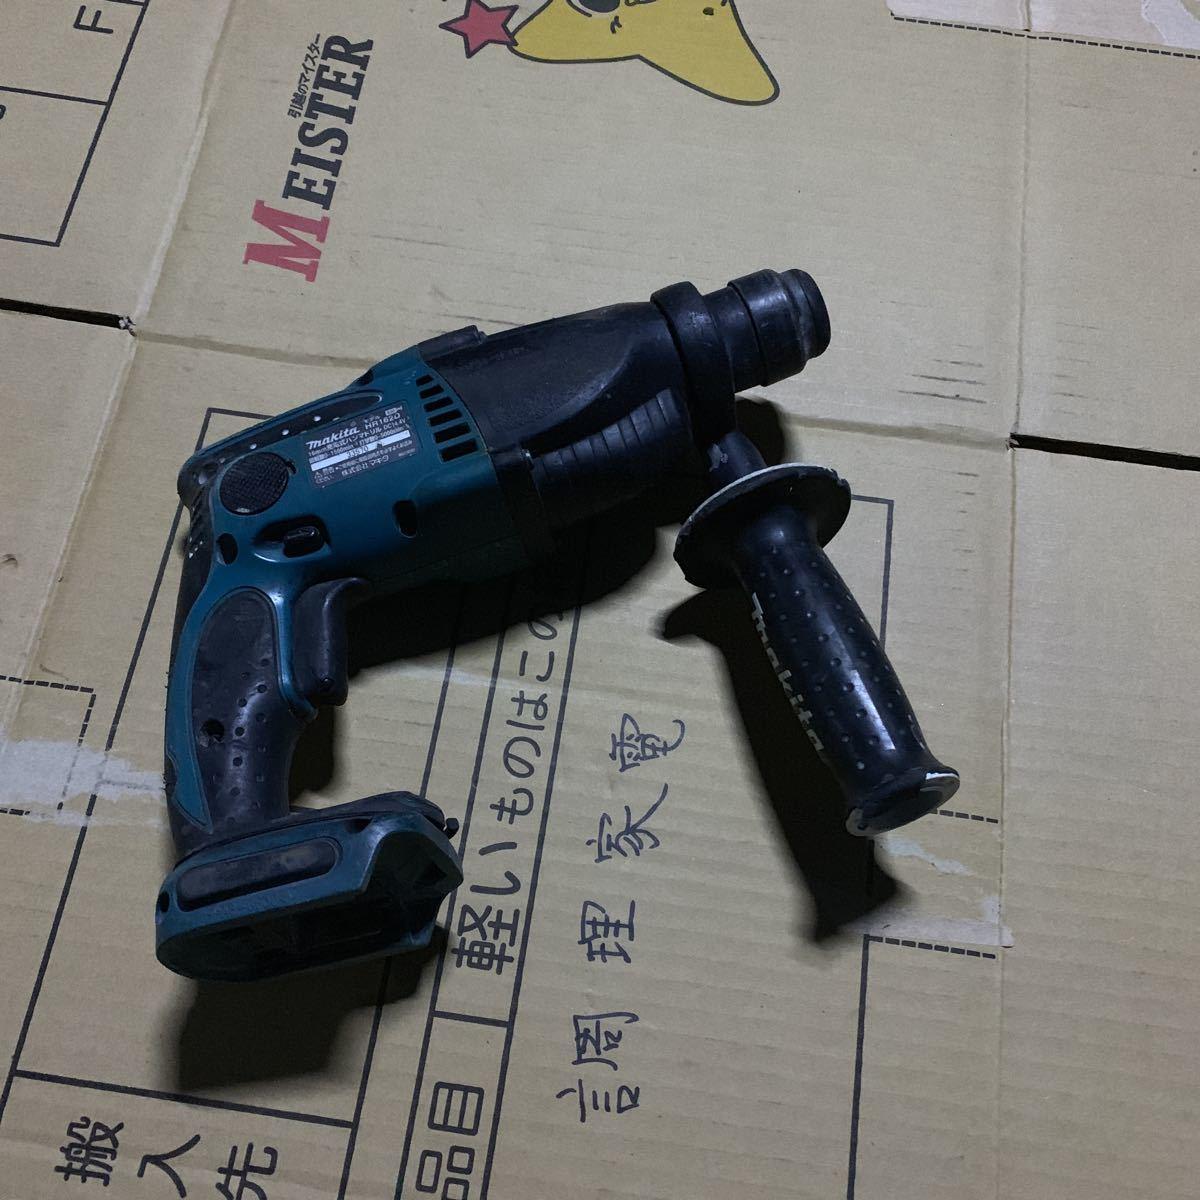 マキタ(MAKITA)HR162D 充電式 ハンマドリル(動作確認しました)_画像2